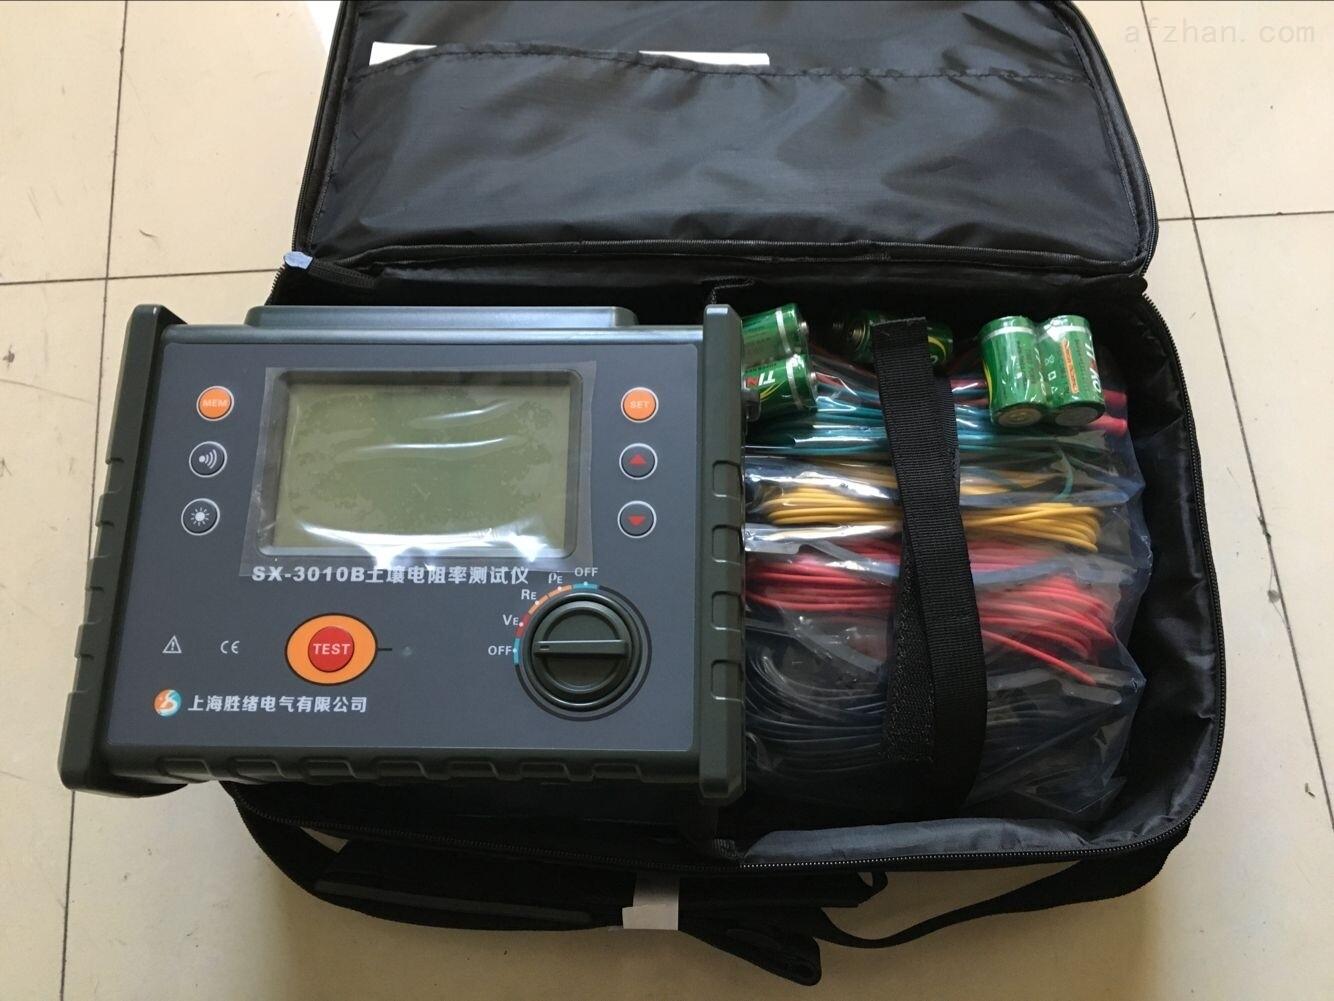 便携式接地电阻测试仪操作简单